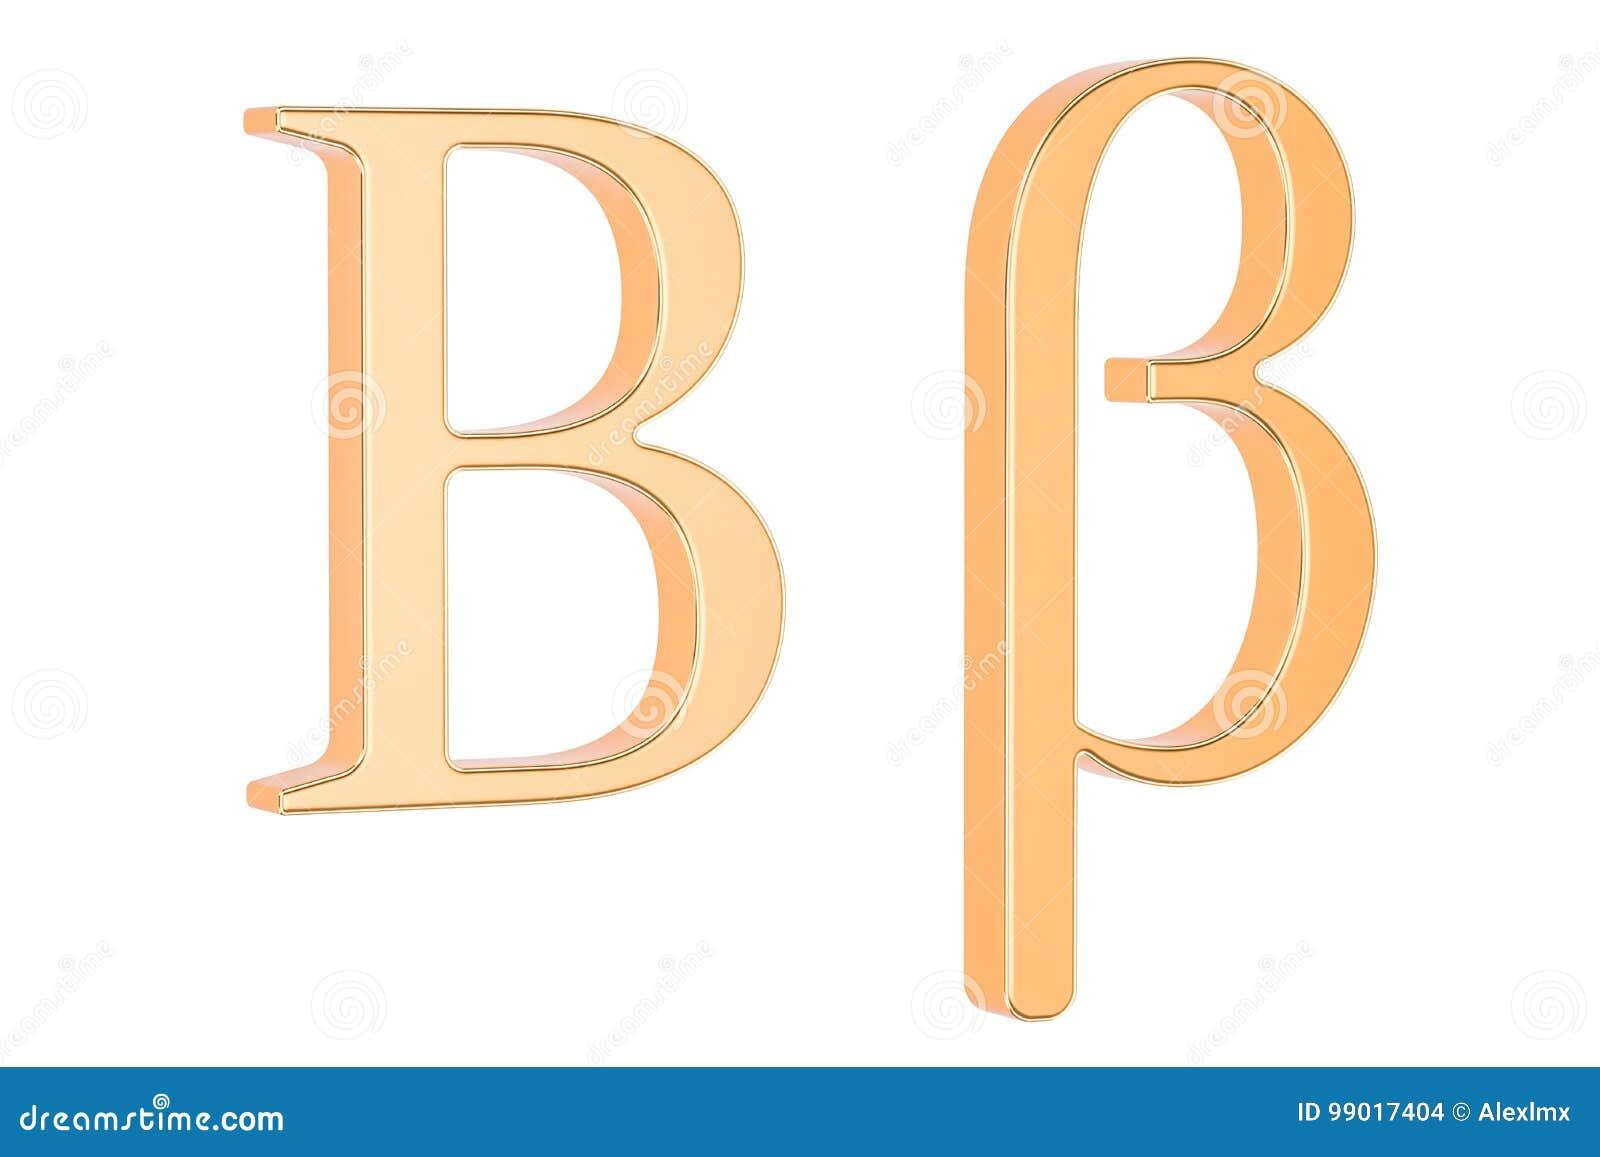 Golden Greek letter beta, 3D rendering